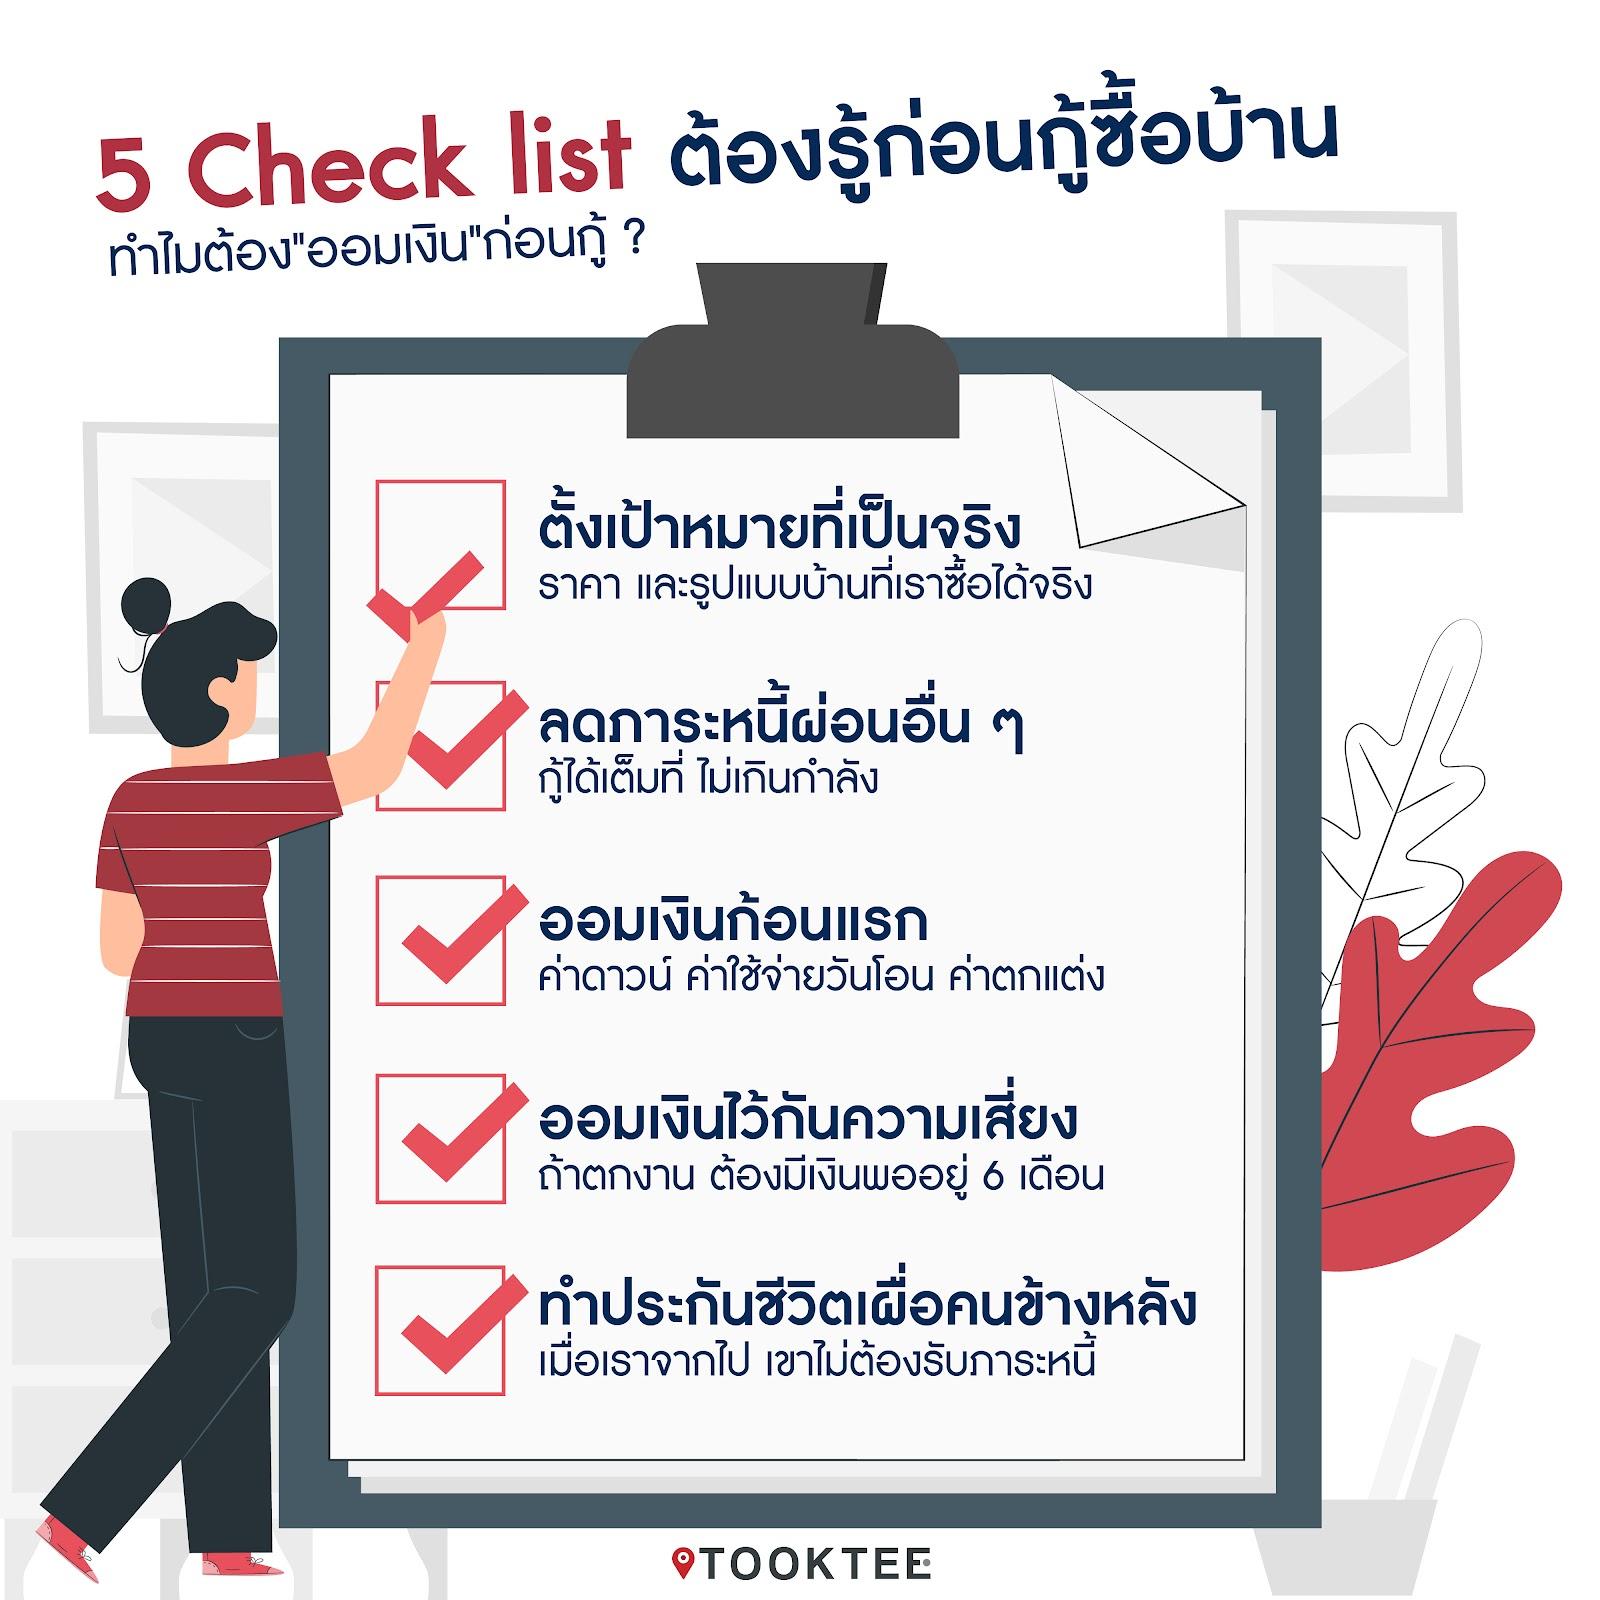 """รูปบทความ : 5 Check list ต้องรู้ก่อนกู้ซื้อบ้าน ทำไมต้อง""""ออมเงิน""""ก่อนกู้ ?"""